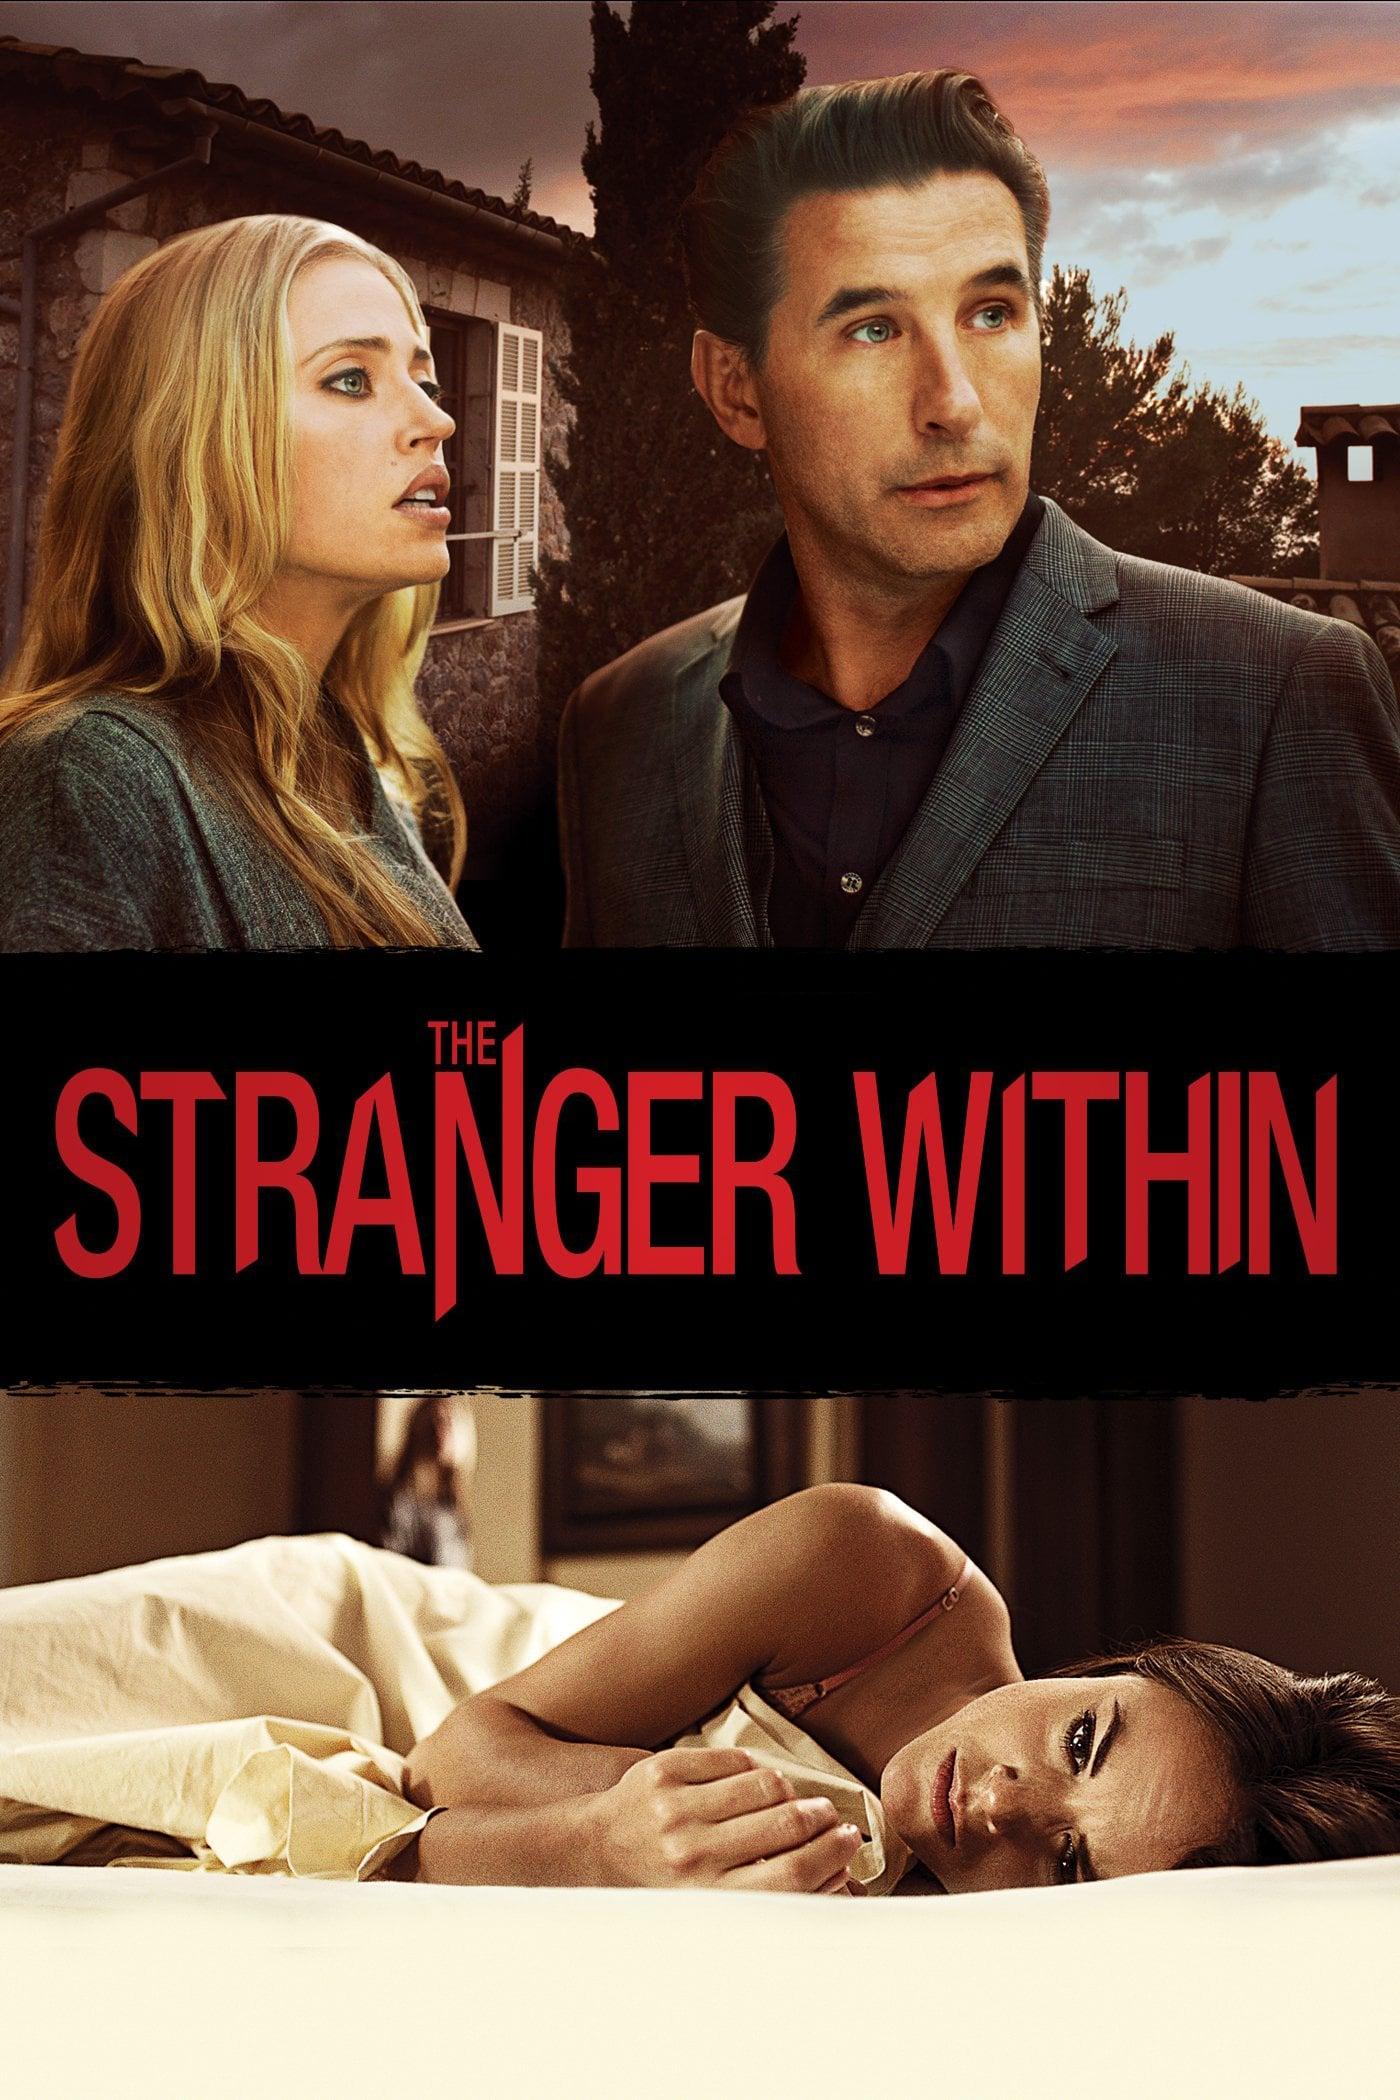 The Stranger Within (2013)